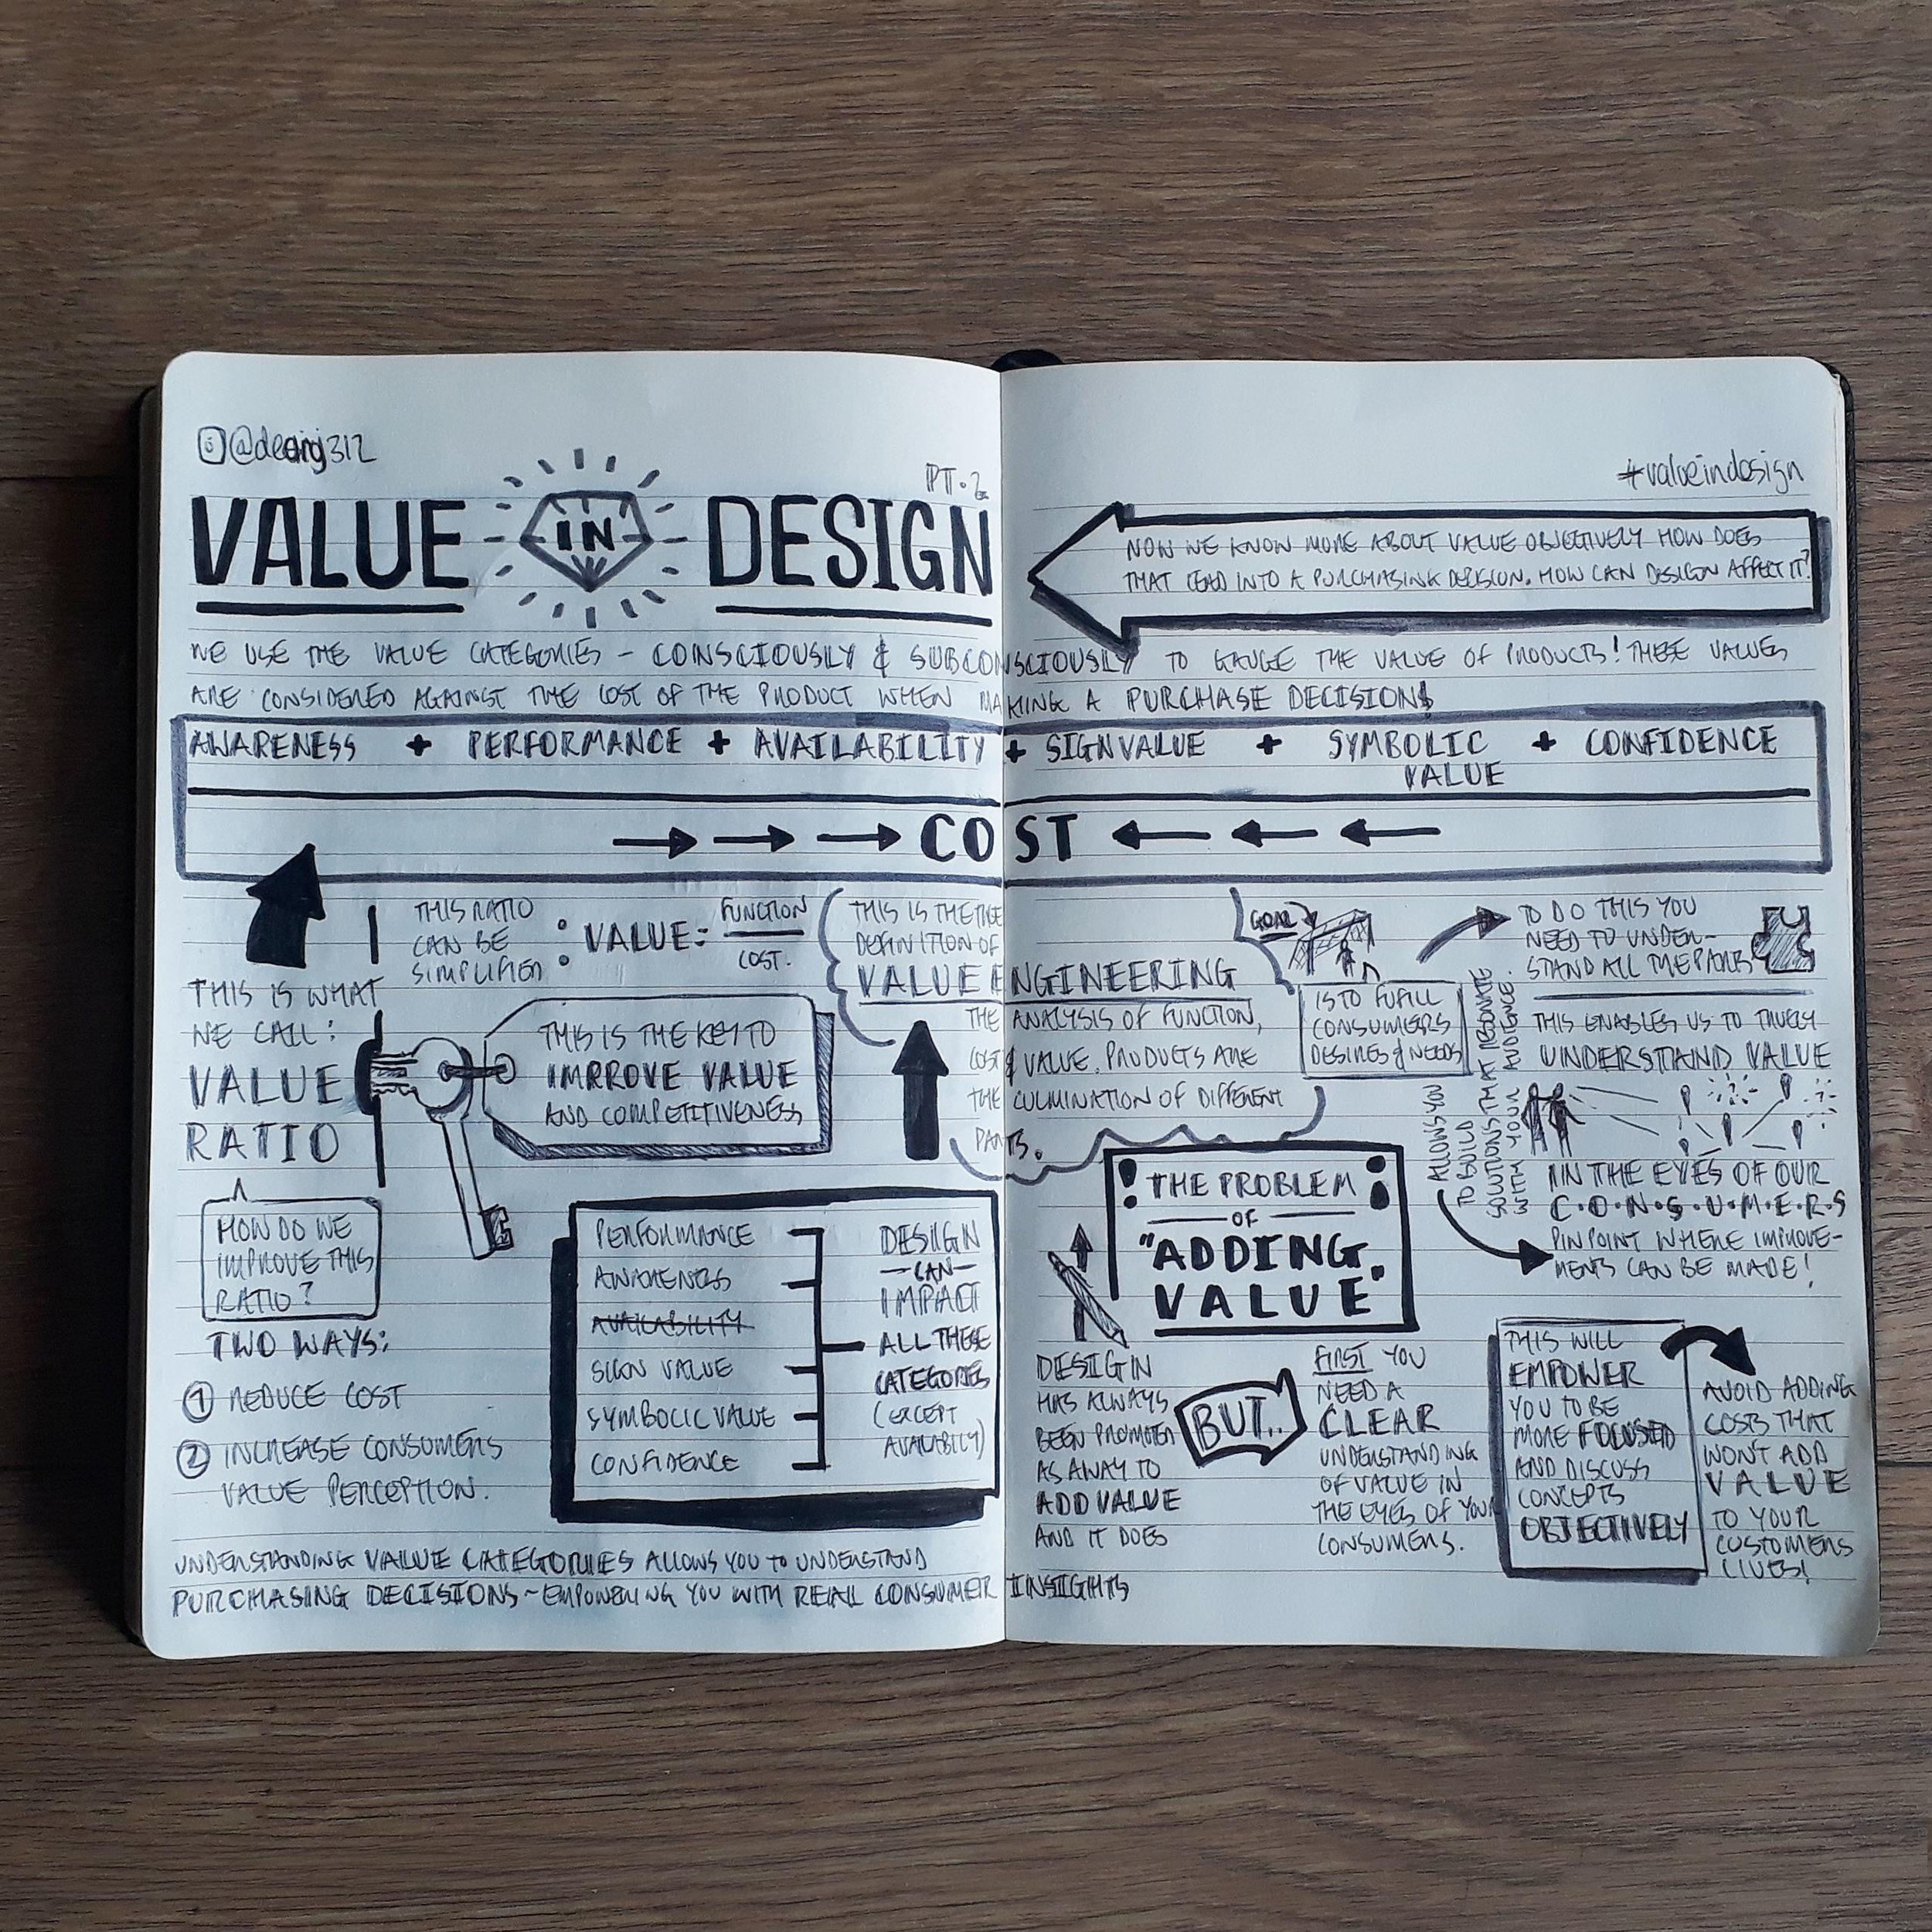 ValueInDesign-Part2.1.jpg